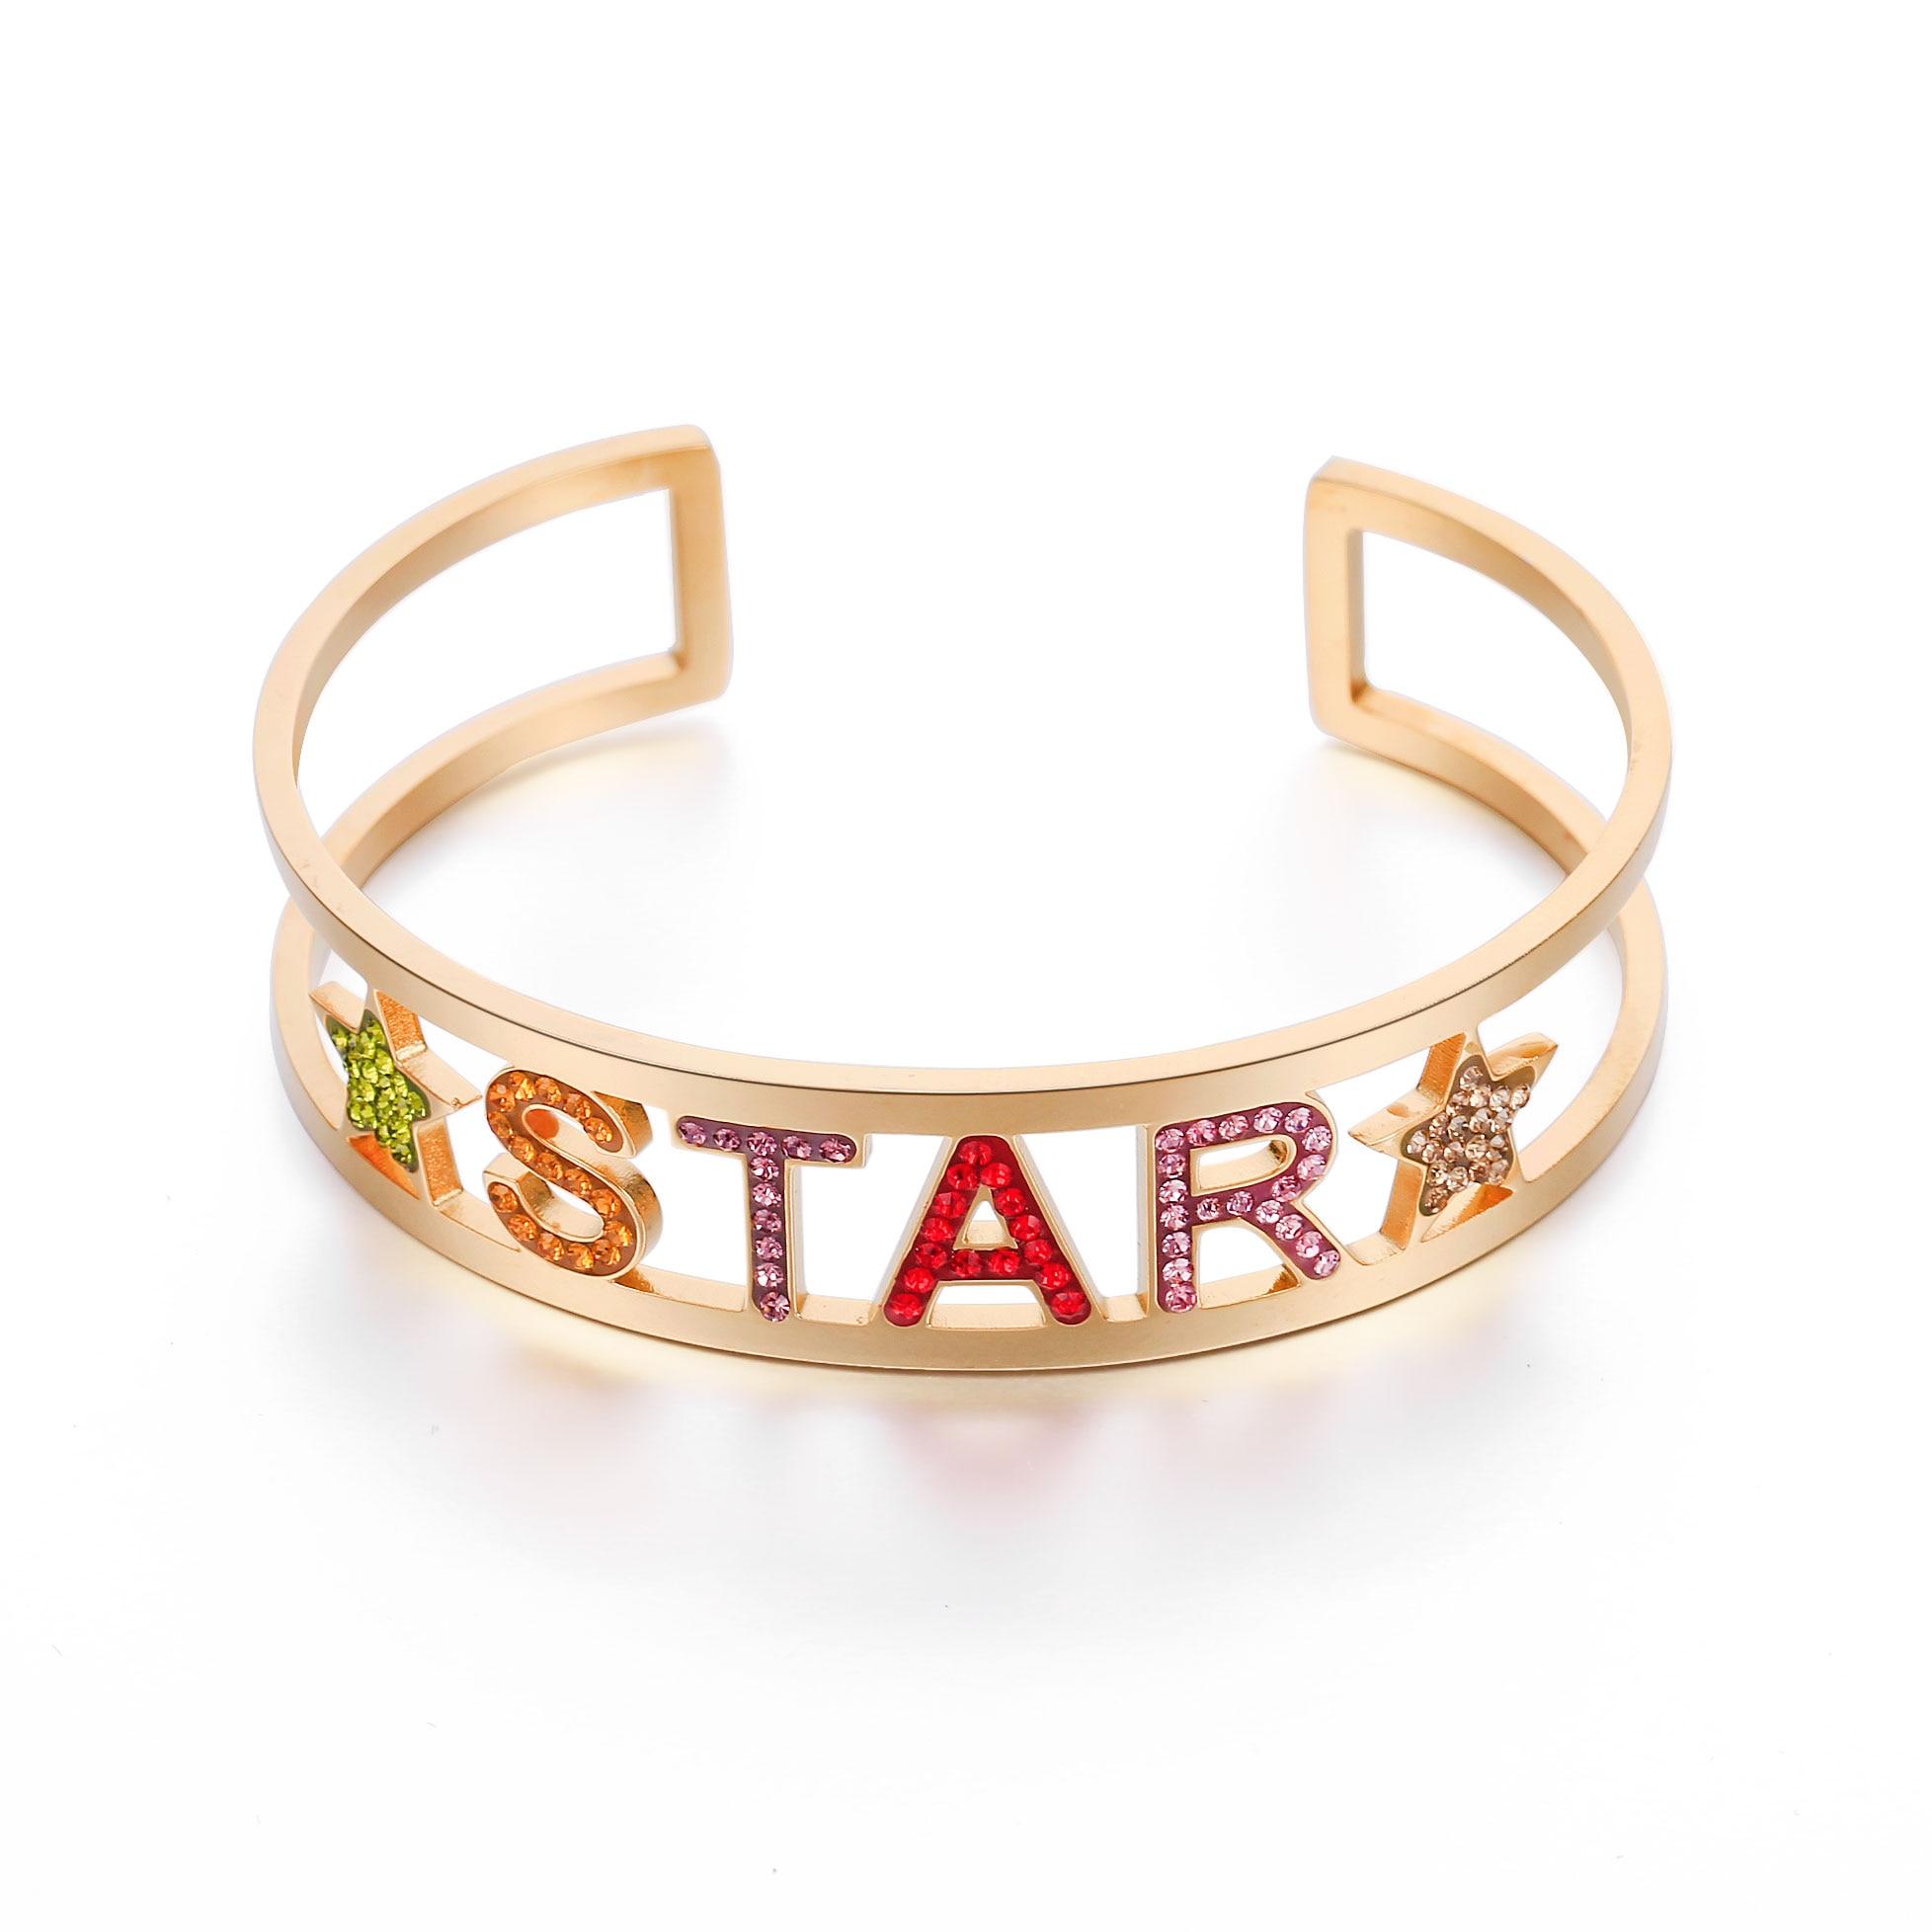 Nuevo acero inoxidable hueco colorido cristal letra brazalete pulseras para mujer oro estrella pulsera regalo para la joyería de la amiga